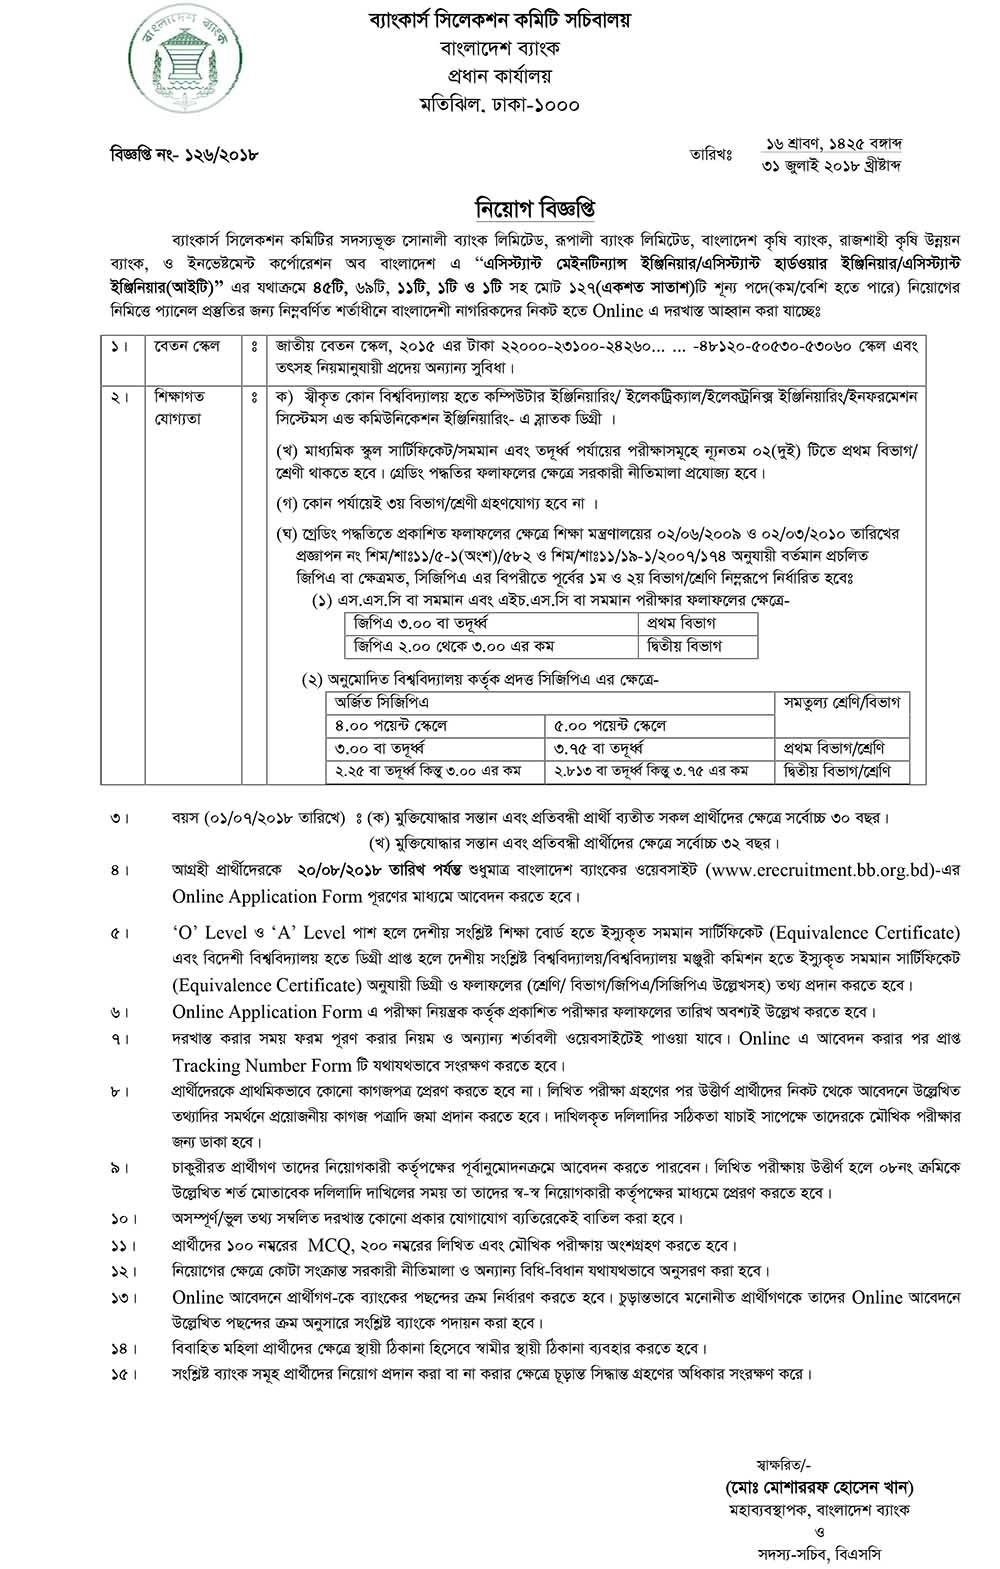 Banglaesh Bank job